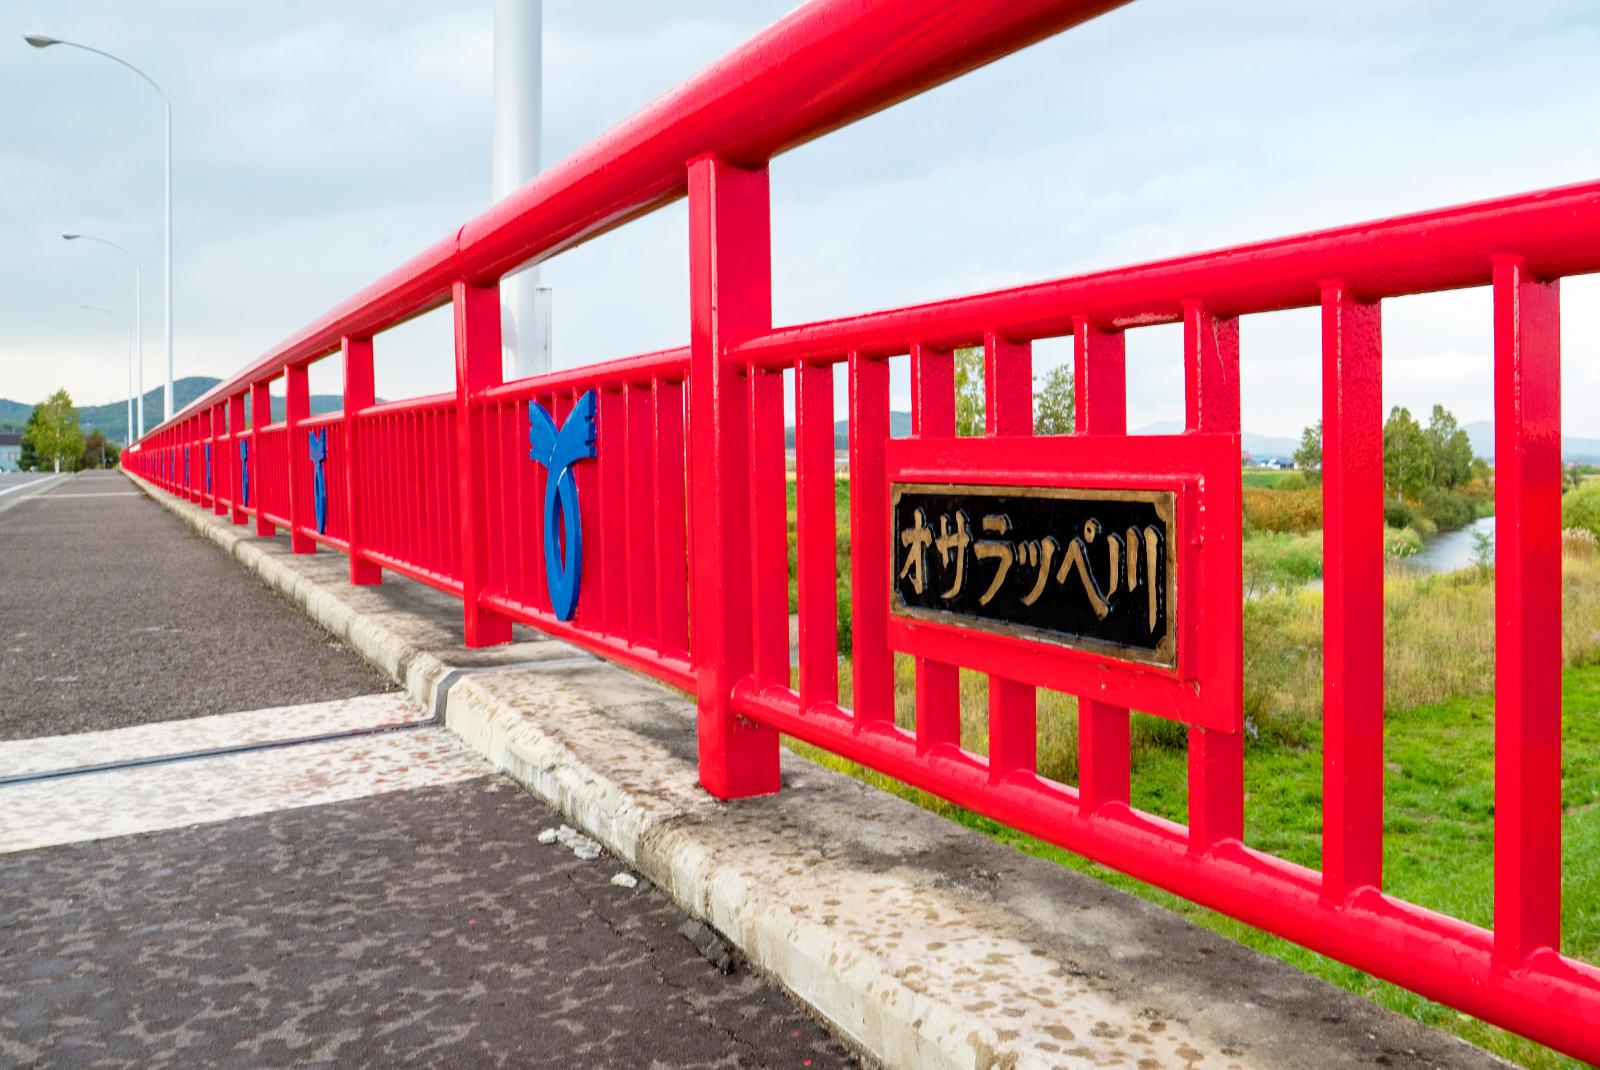 全長100m!日本初の音楽を奏でる橋が北海道に!? 鷹栖町 メロディー橋